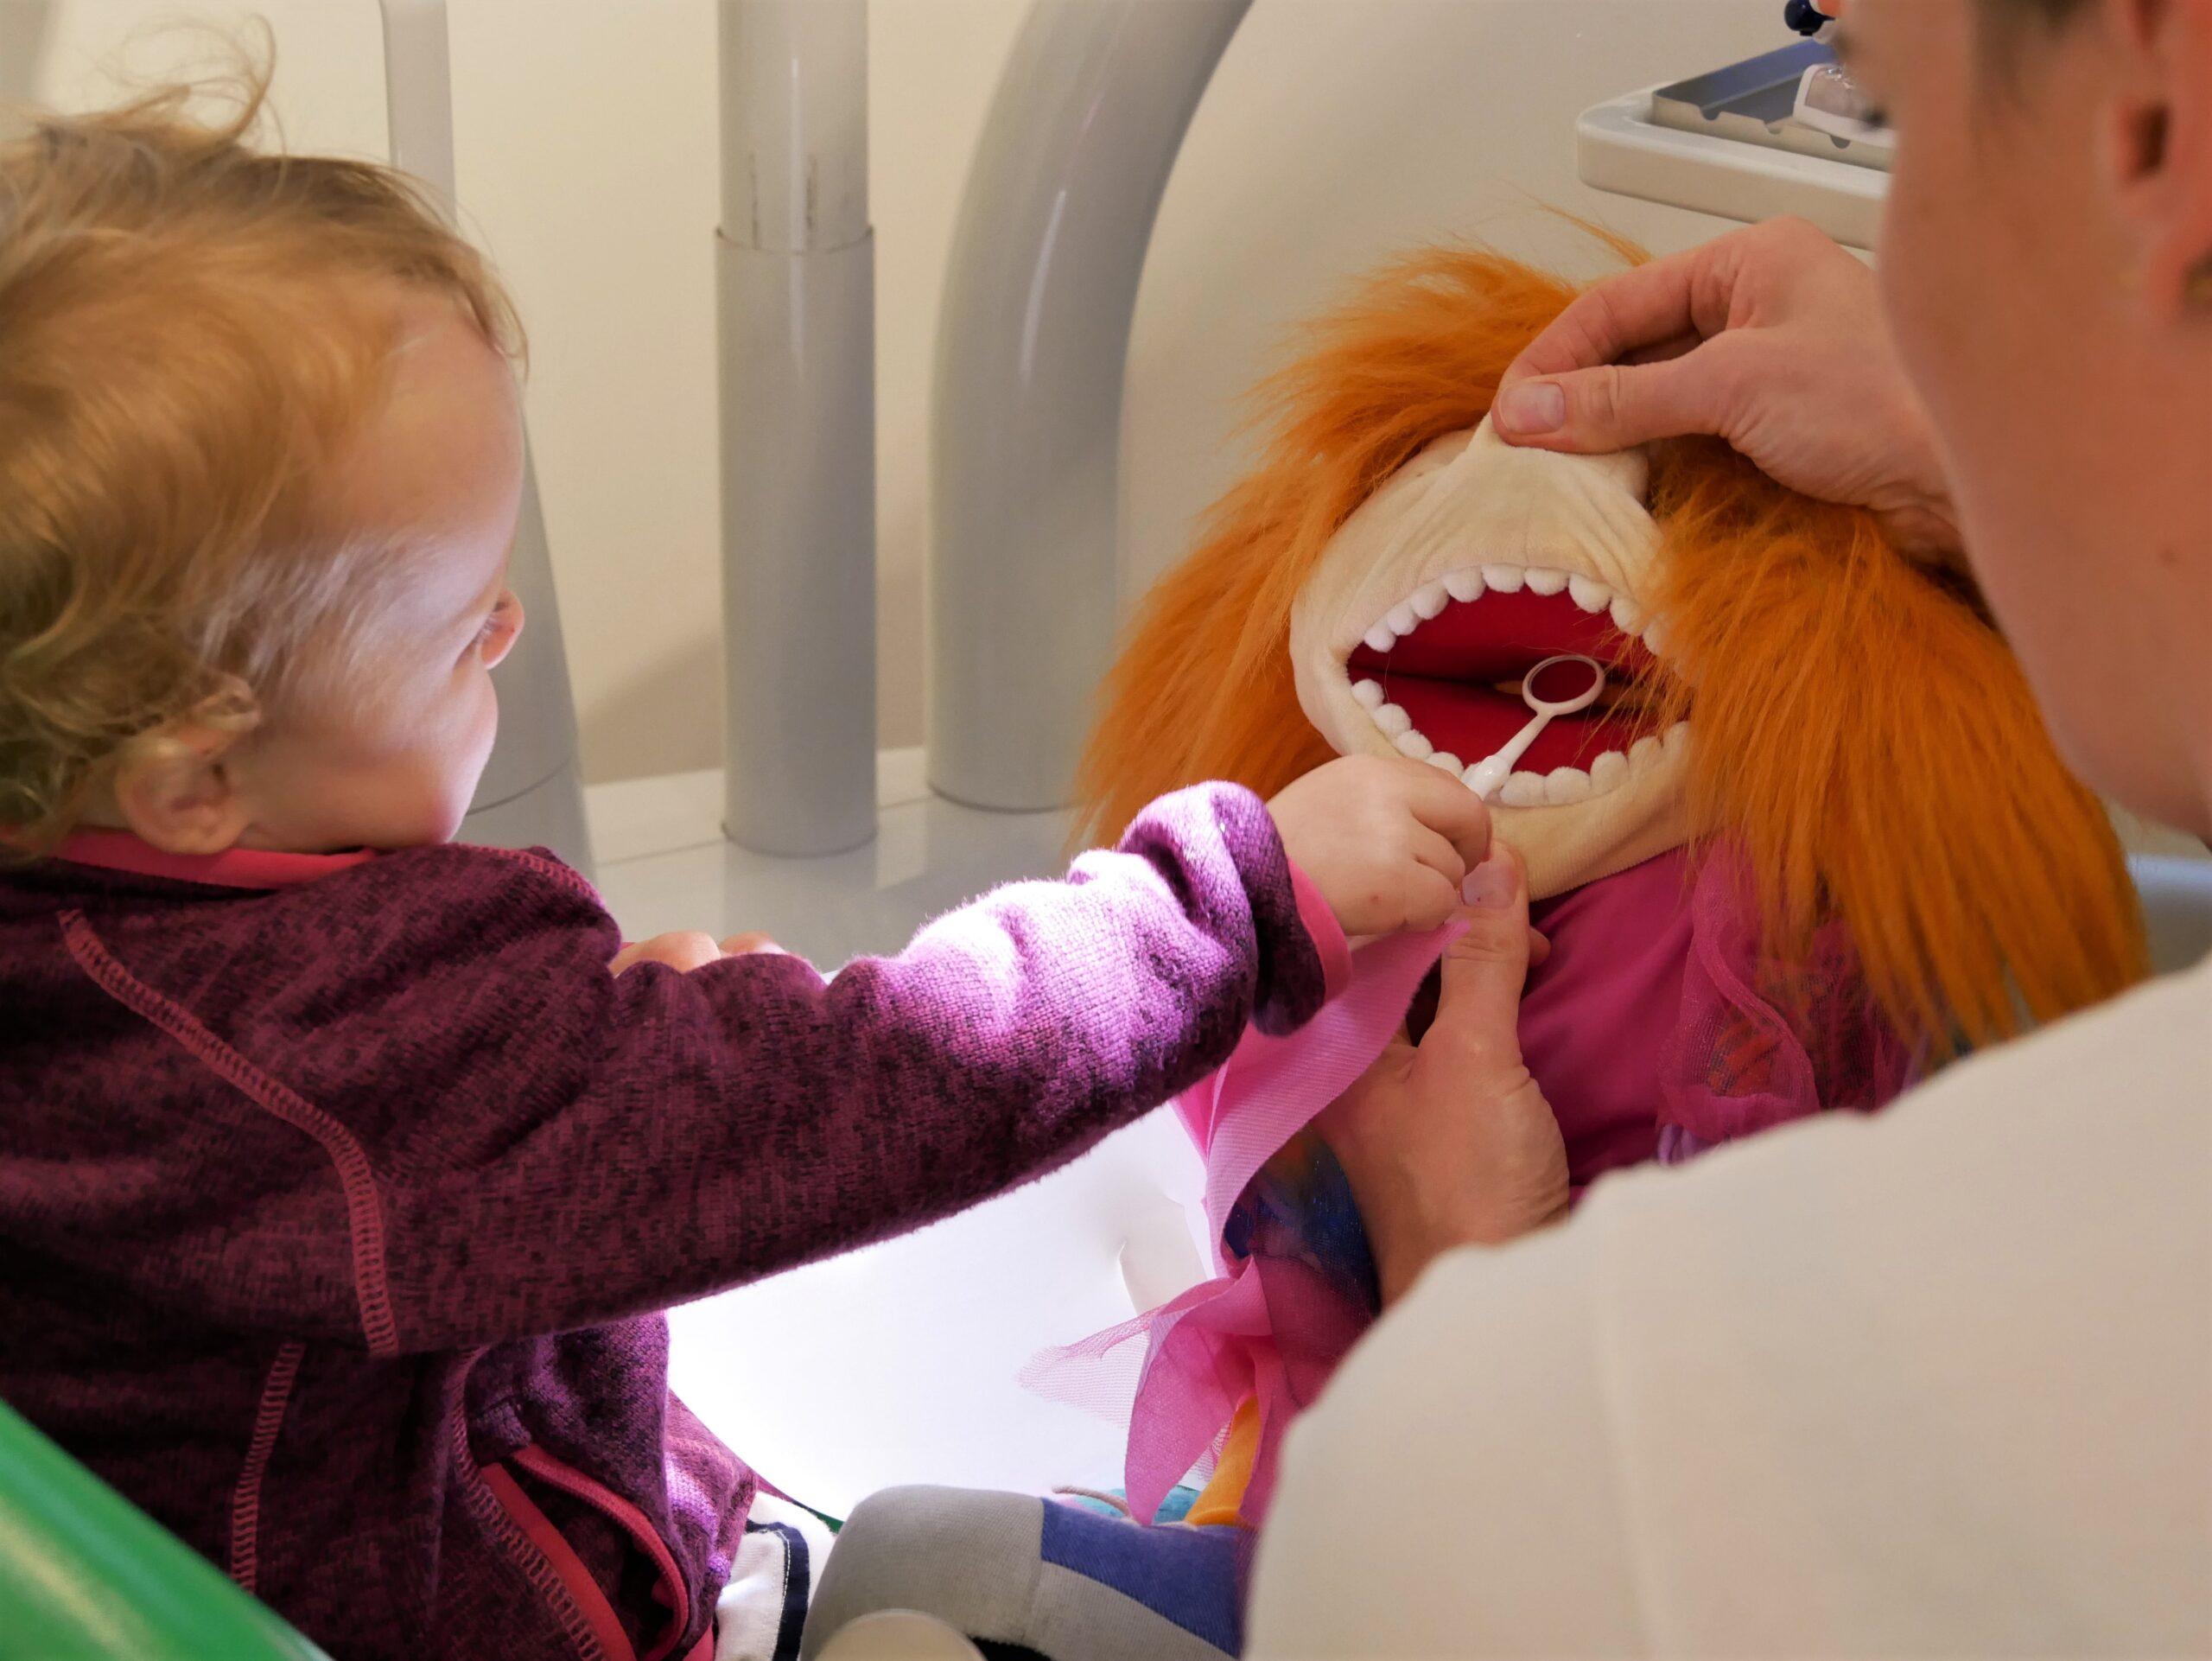 Kind sitzt auf Behandlungsstuhl, Zahnärztin nimmt dem Kind die Vorsicht auf spielerische Art mit einer Handpuppe,